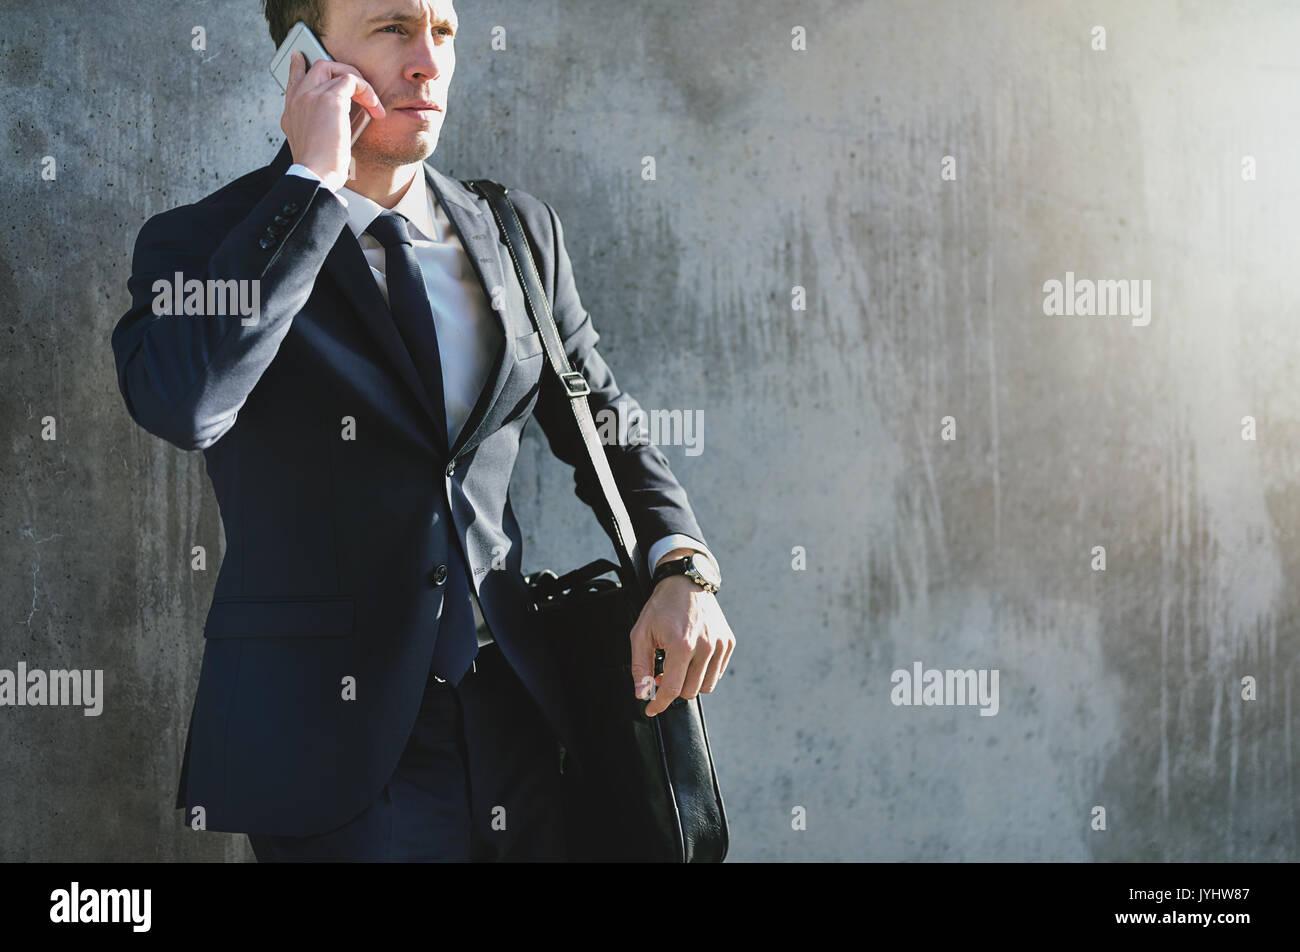 Un imprenditore fiducioso che indossa la elegante abito formale e avere una conversazione telefonica. Immagini Stock